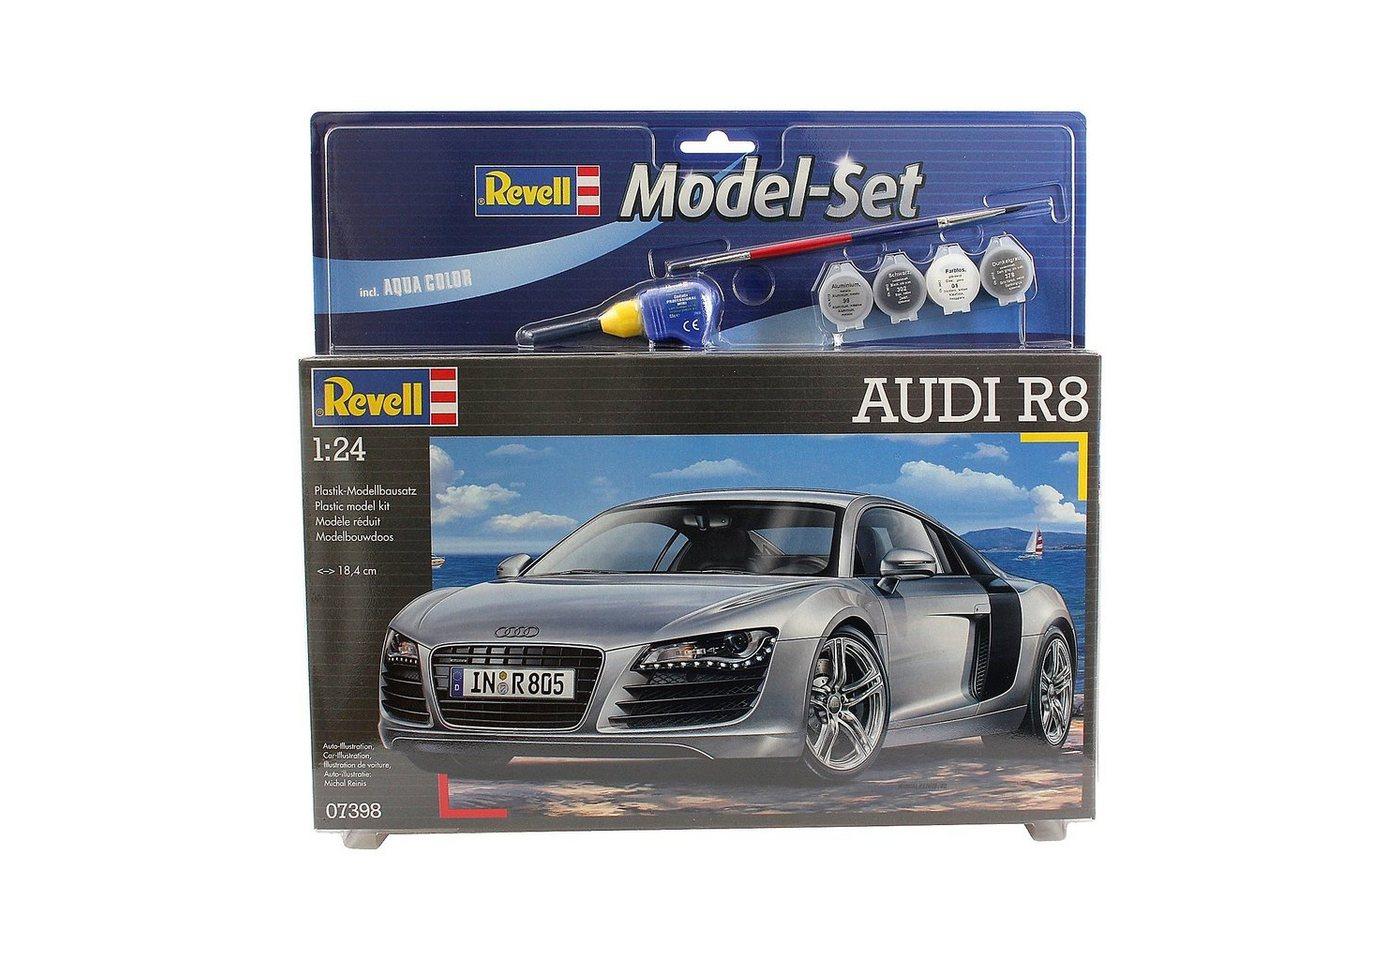 Revell® Modellbausatz - Model Set Audi R8